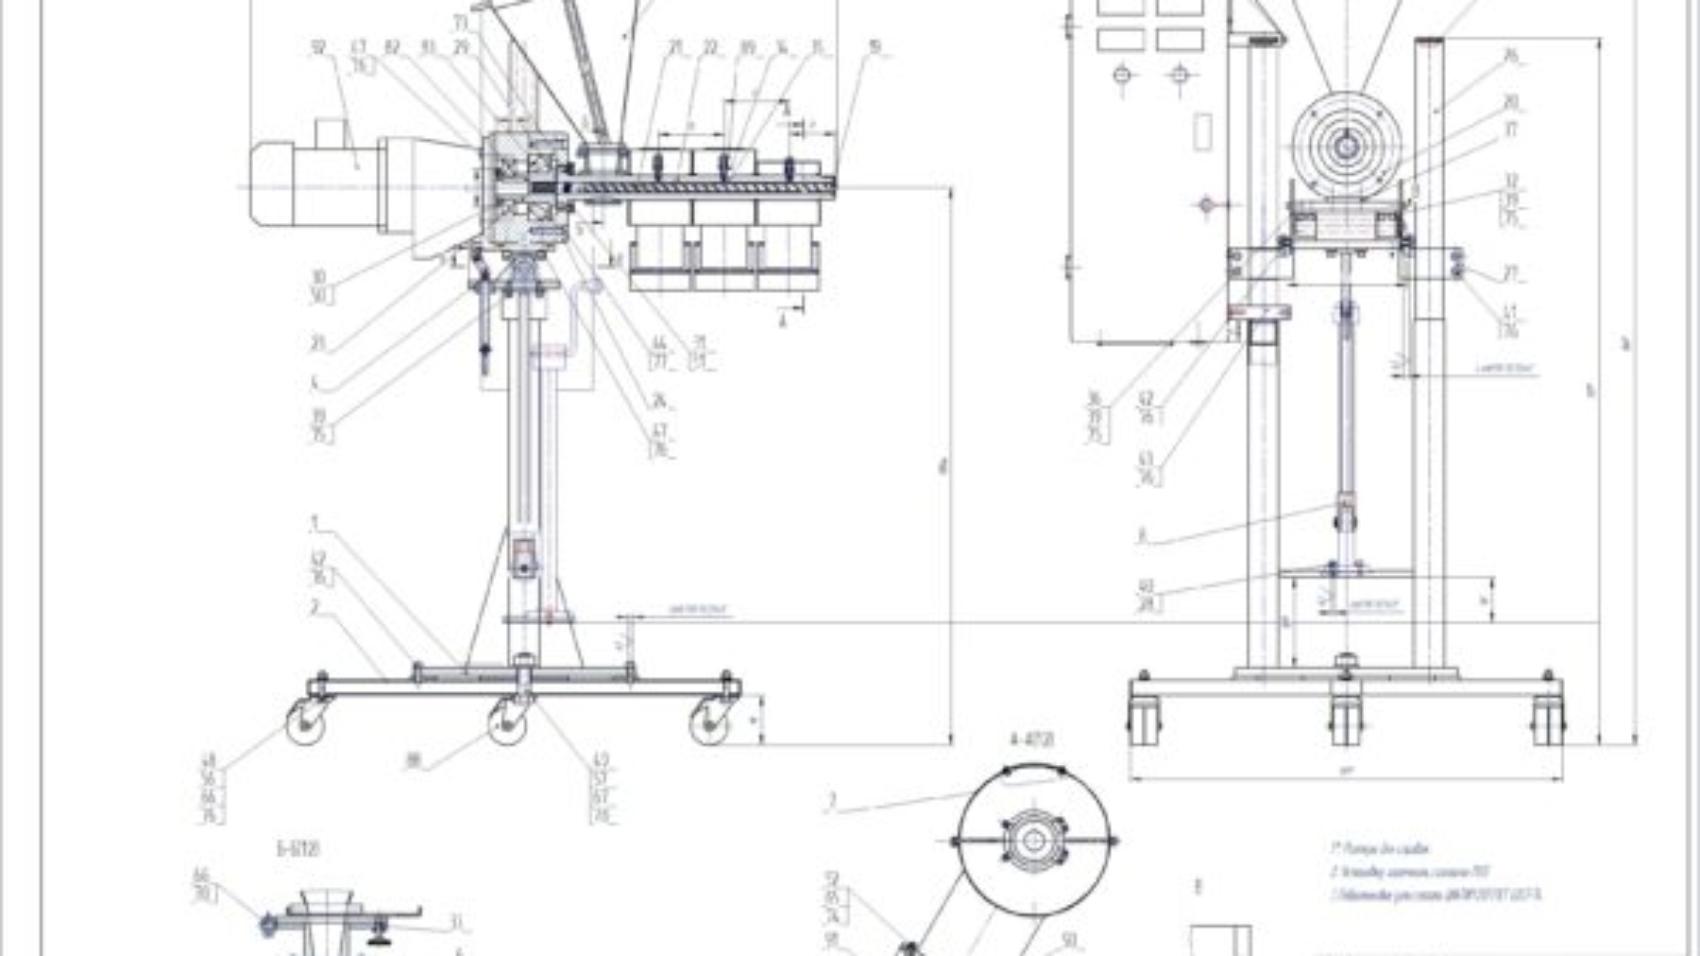 ekstruder-dlya-proizvodstva-polimernyx-profilno-pogonazhnyx-izdeli-chertezh-skachat-besplatno